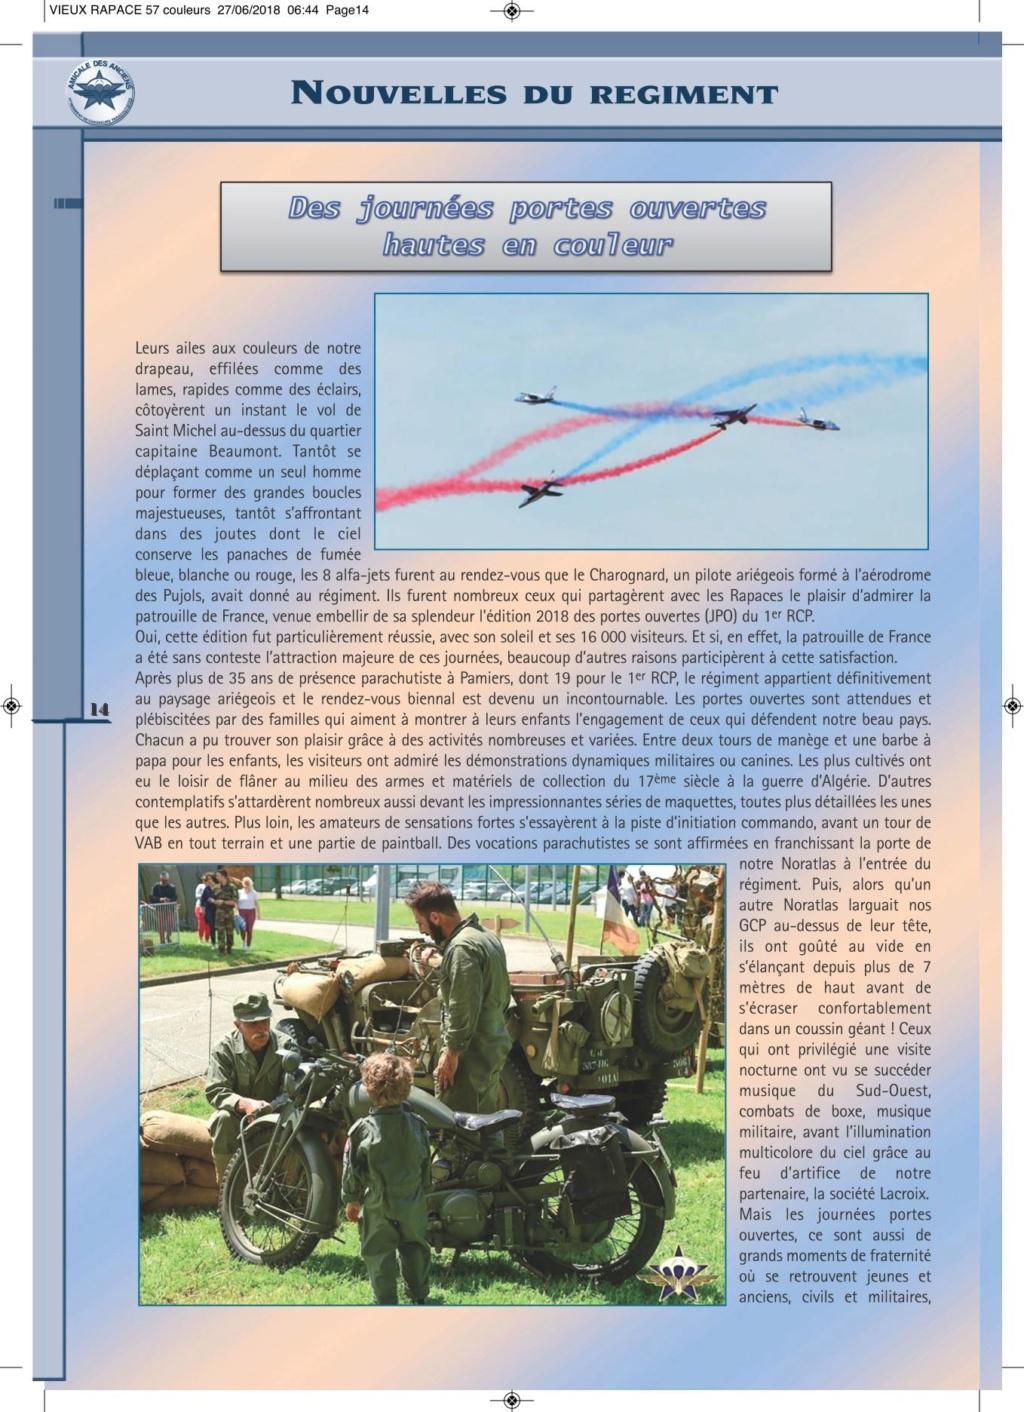 LE VIEUX RAPACE n°57 Vieux_23